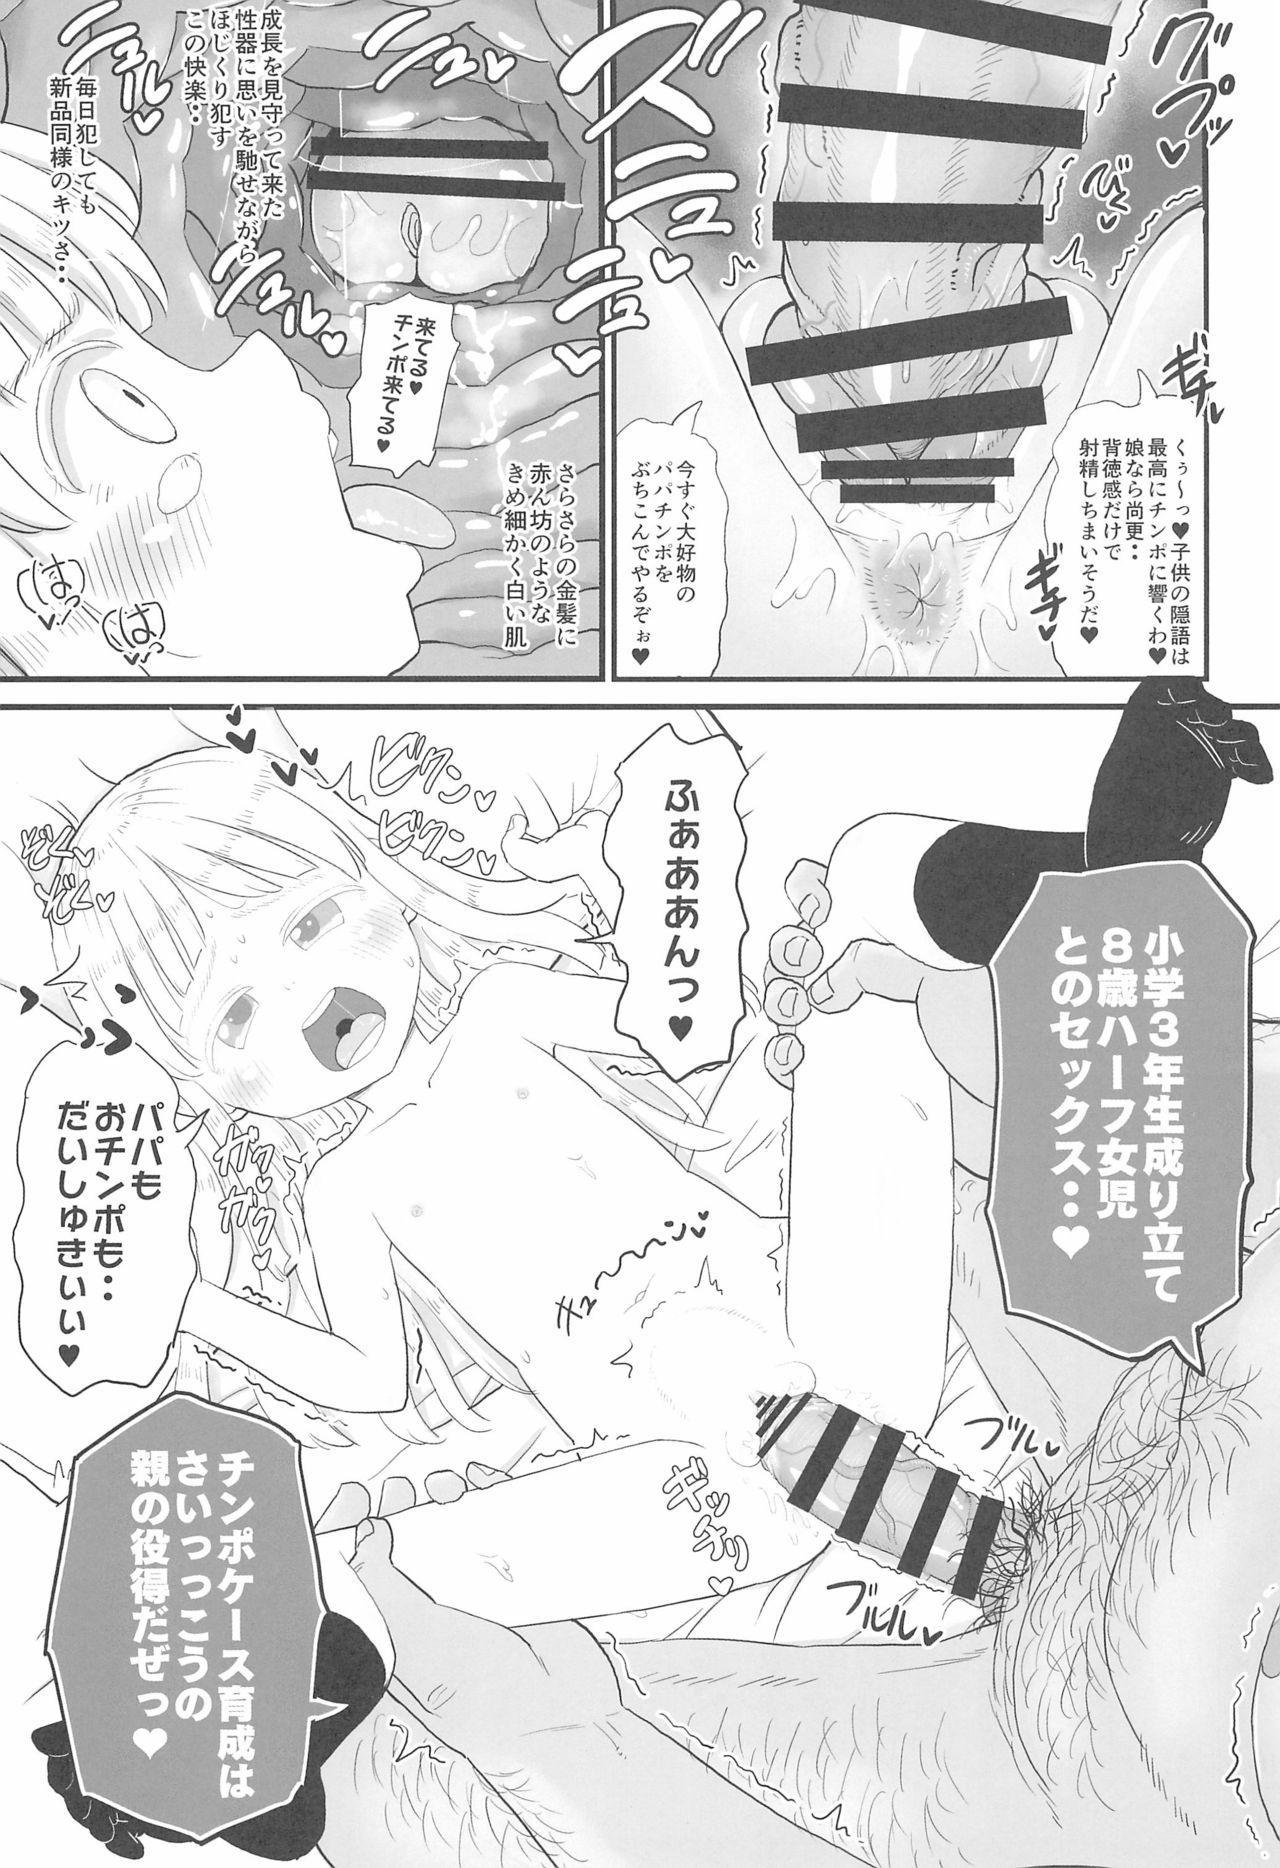 (C97) [botibotiikoka (takku)] Manamusume no Arisu-chan (8yo) ga Rippa na Chinpo-case ni Sodachimashita 16